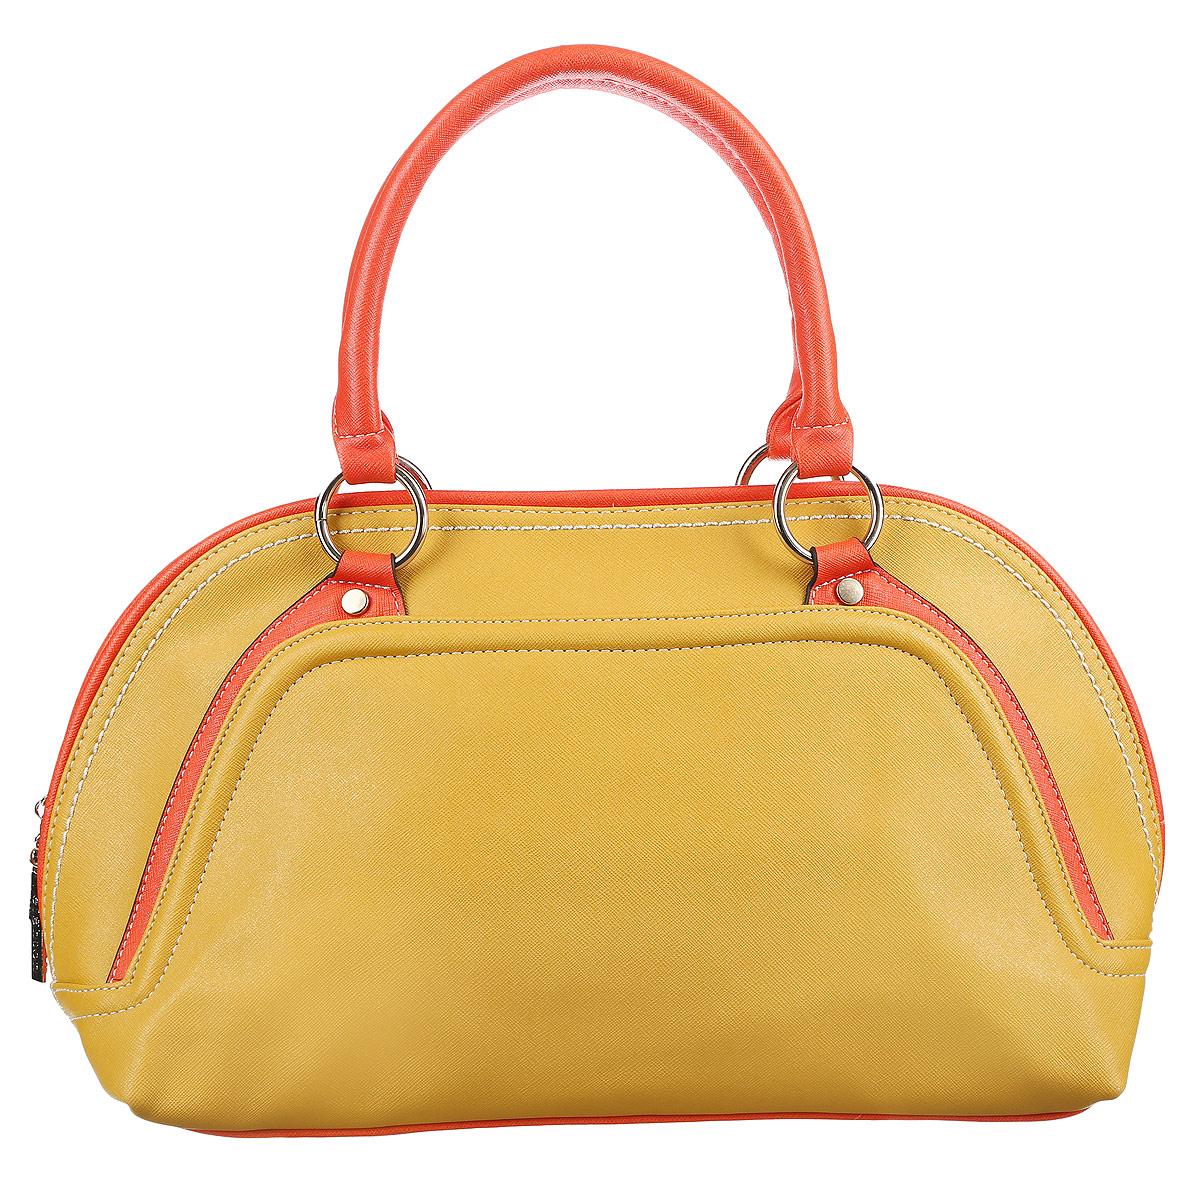 """Сумка женская """"Leighton"""", цвет: желтый, оранжевый. 90468-3769/19/3769/18 жел"""